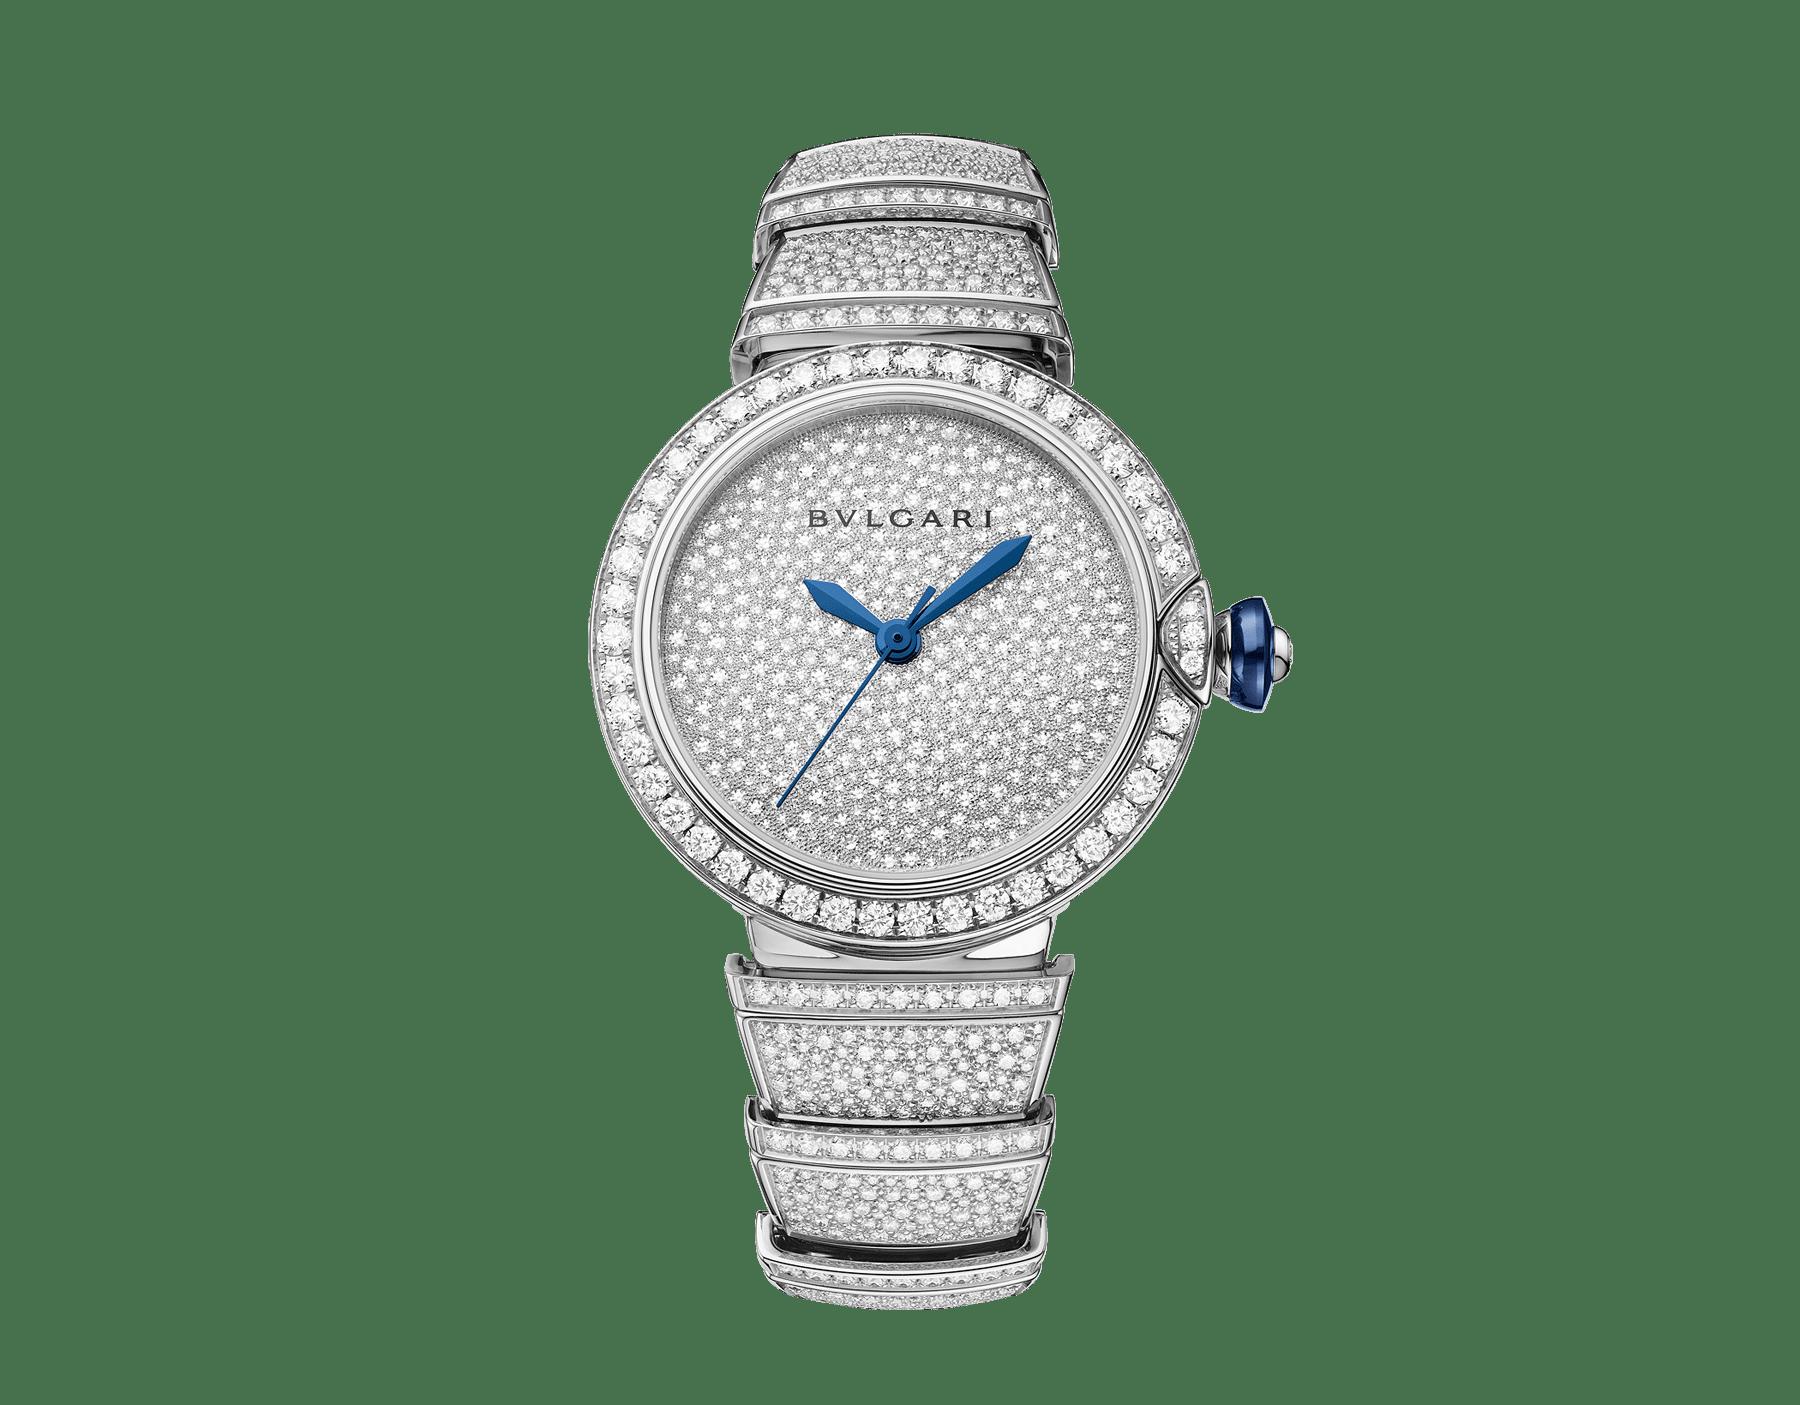 LVCEA Uhr mit Gehäuse und Armband aus 18Karat Weißgold mit Diamanten im Brillantschliff und Zifferblatt voll ausgefasst mit Diamant-Pavé. 102365 image 1